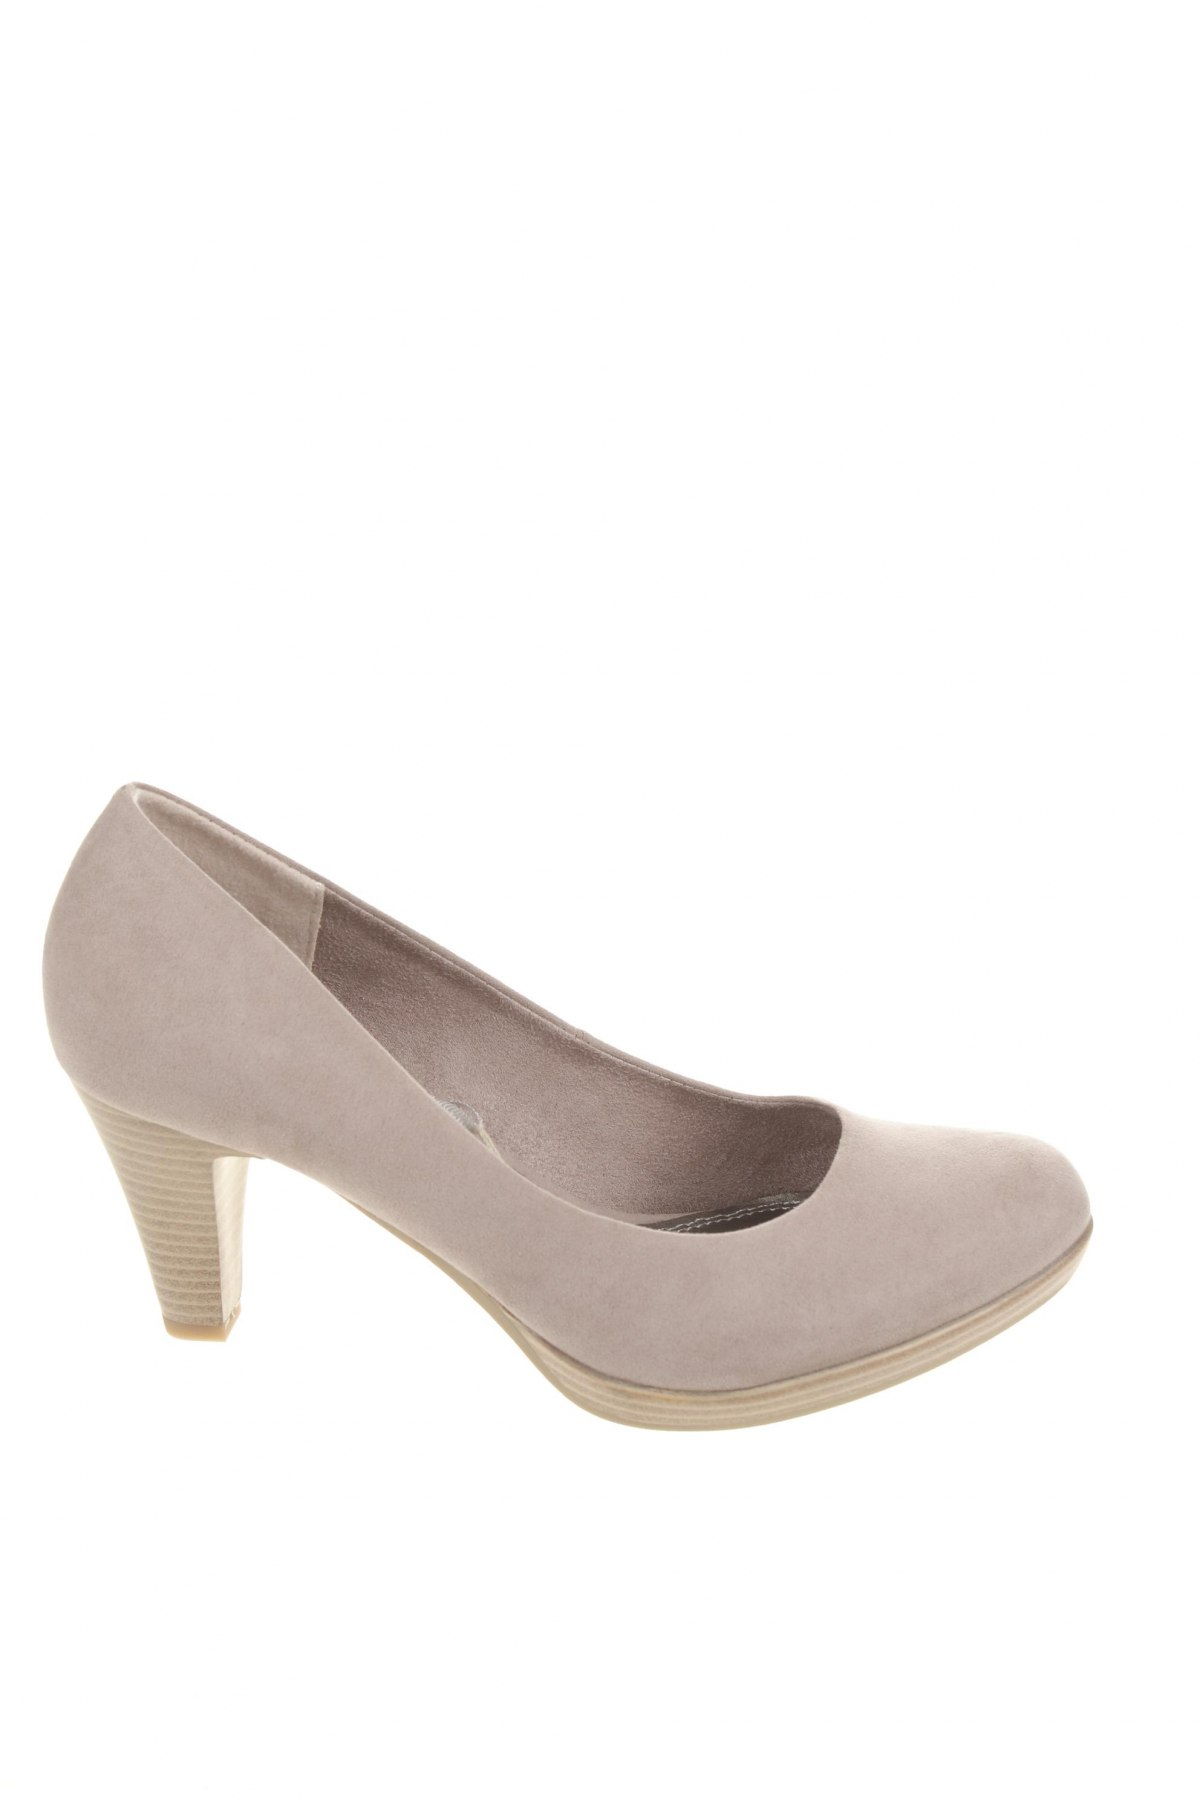 Дамски обувки Marco Tozzi, Размер 39, Цвят Бежов, Текстил, Цена 59,25лв.